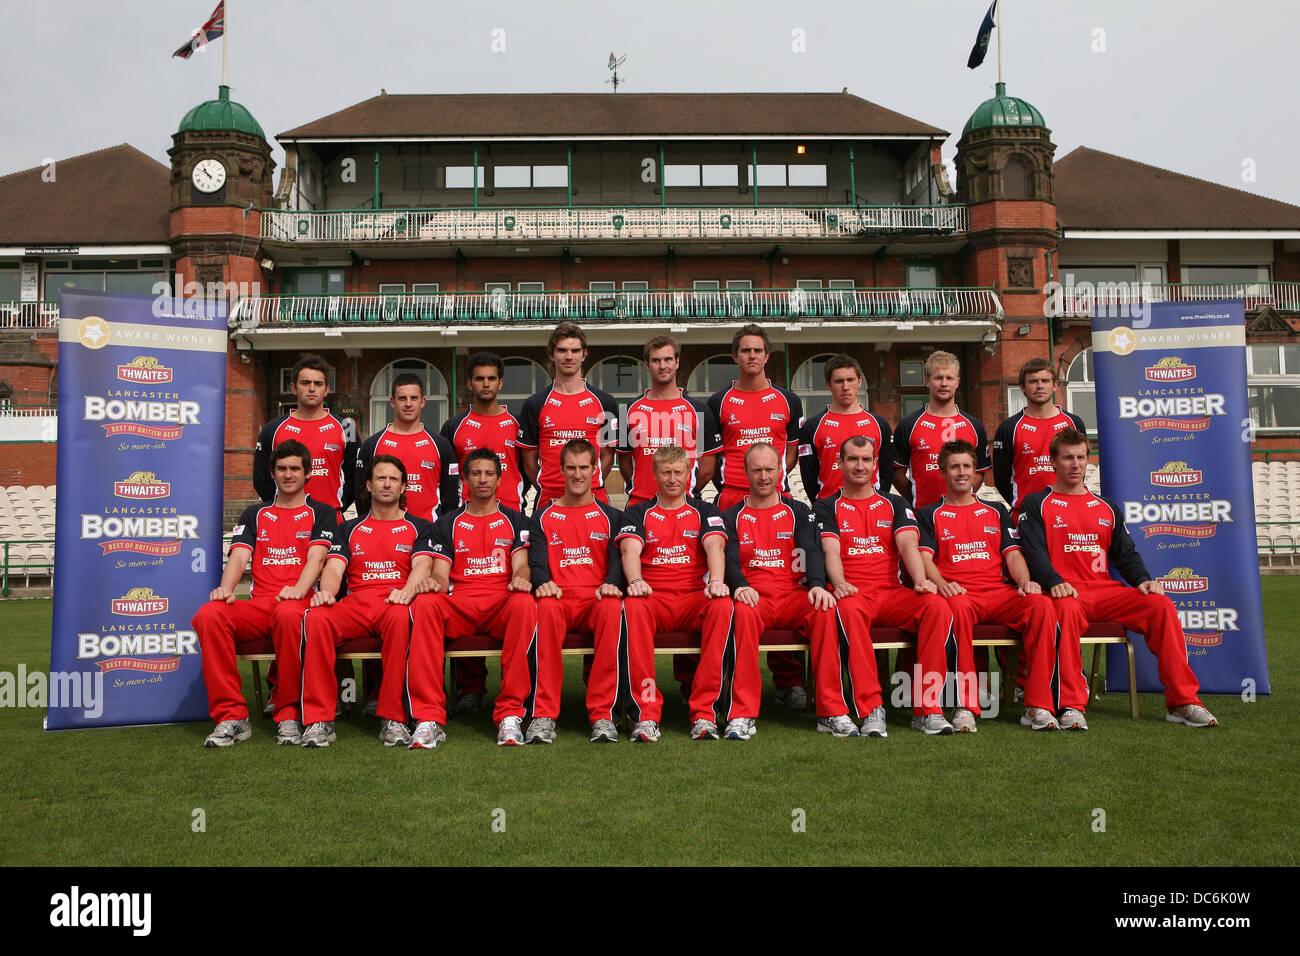 Le Lancashire County Cricket Club photocall le 6 avril 2009. L'équipe pose dans les vingt vingt strip. Photo Stock